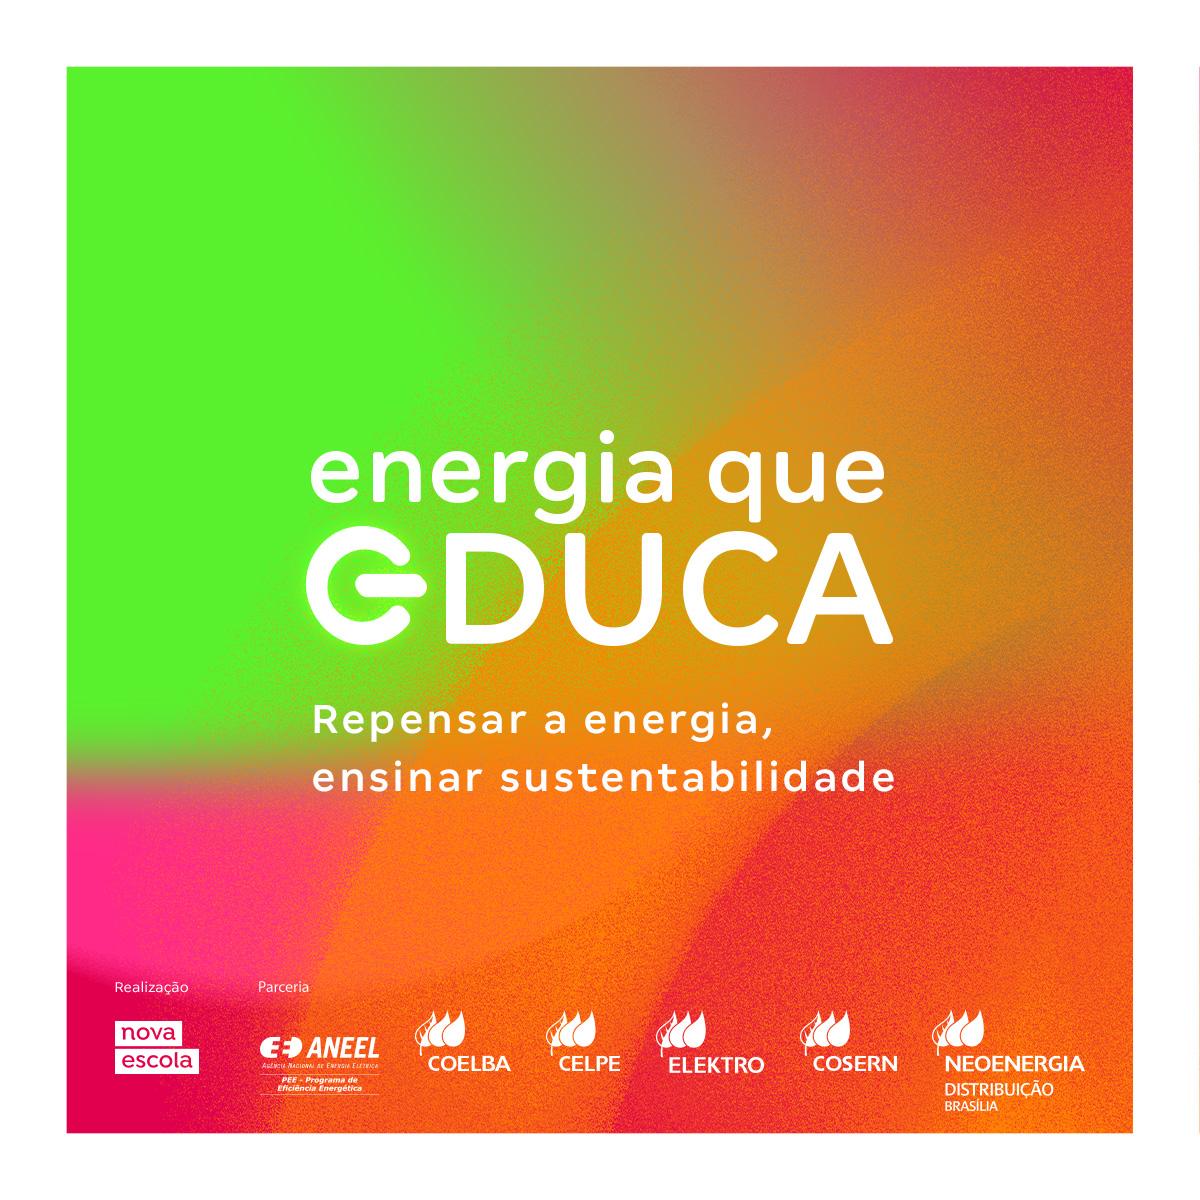 Curso gratuito forma professores sobre economia de energia e educação ambiental